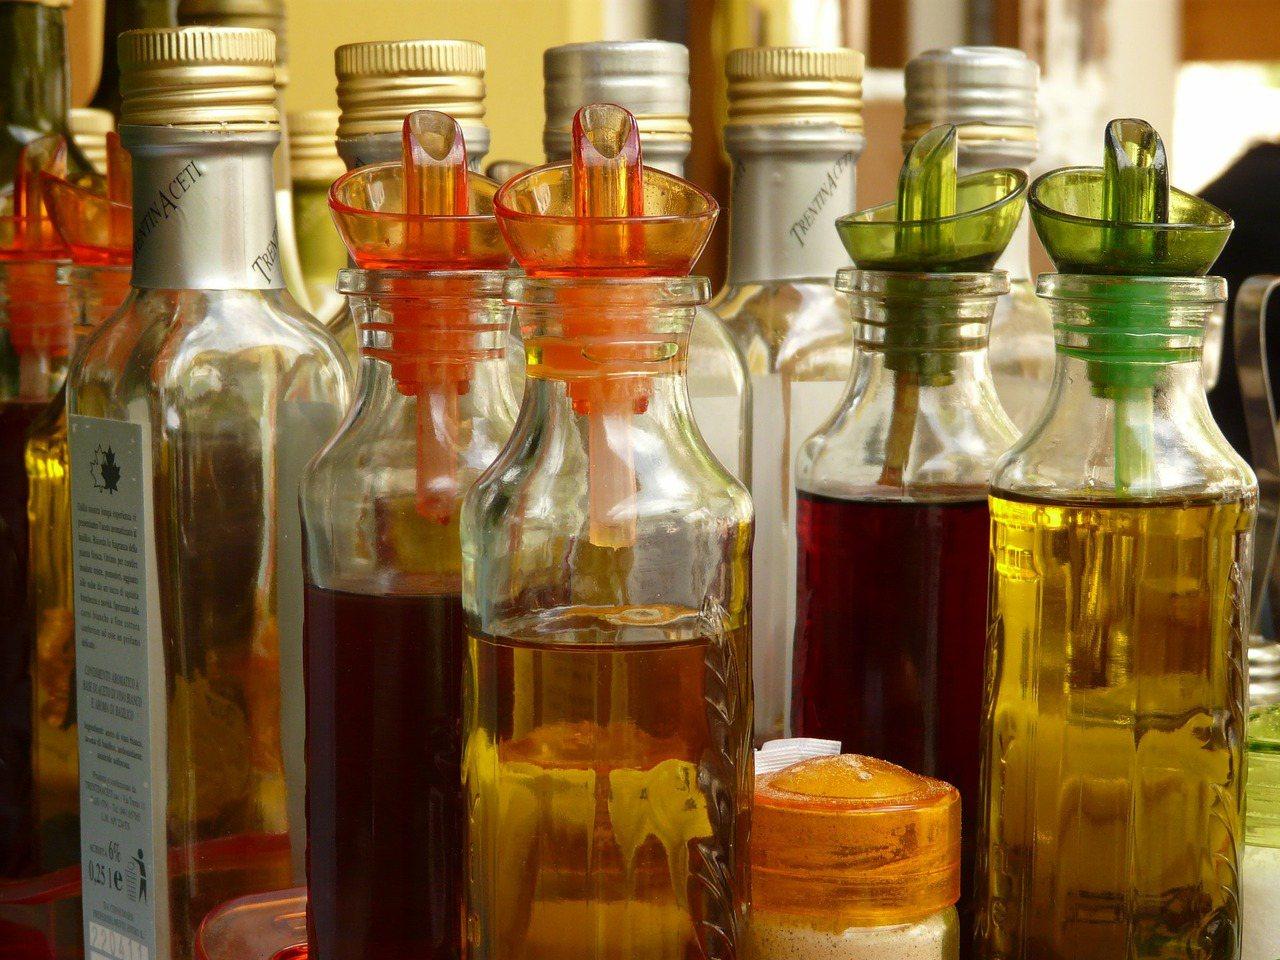 適度食用醋有利腸道好菌生長。 圖/pixabay